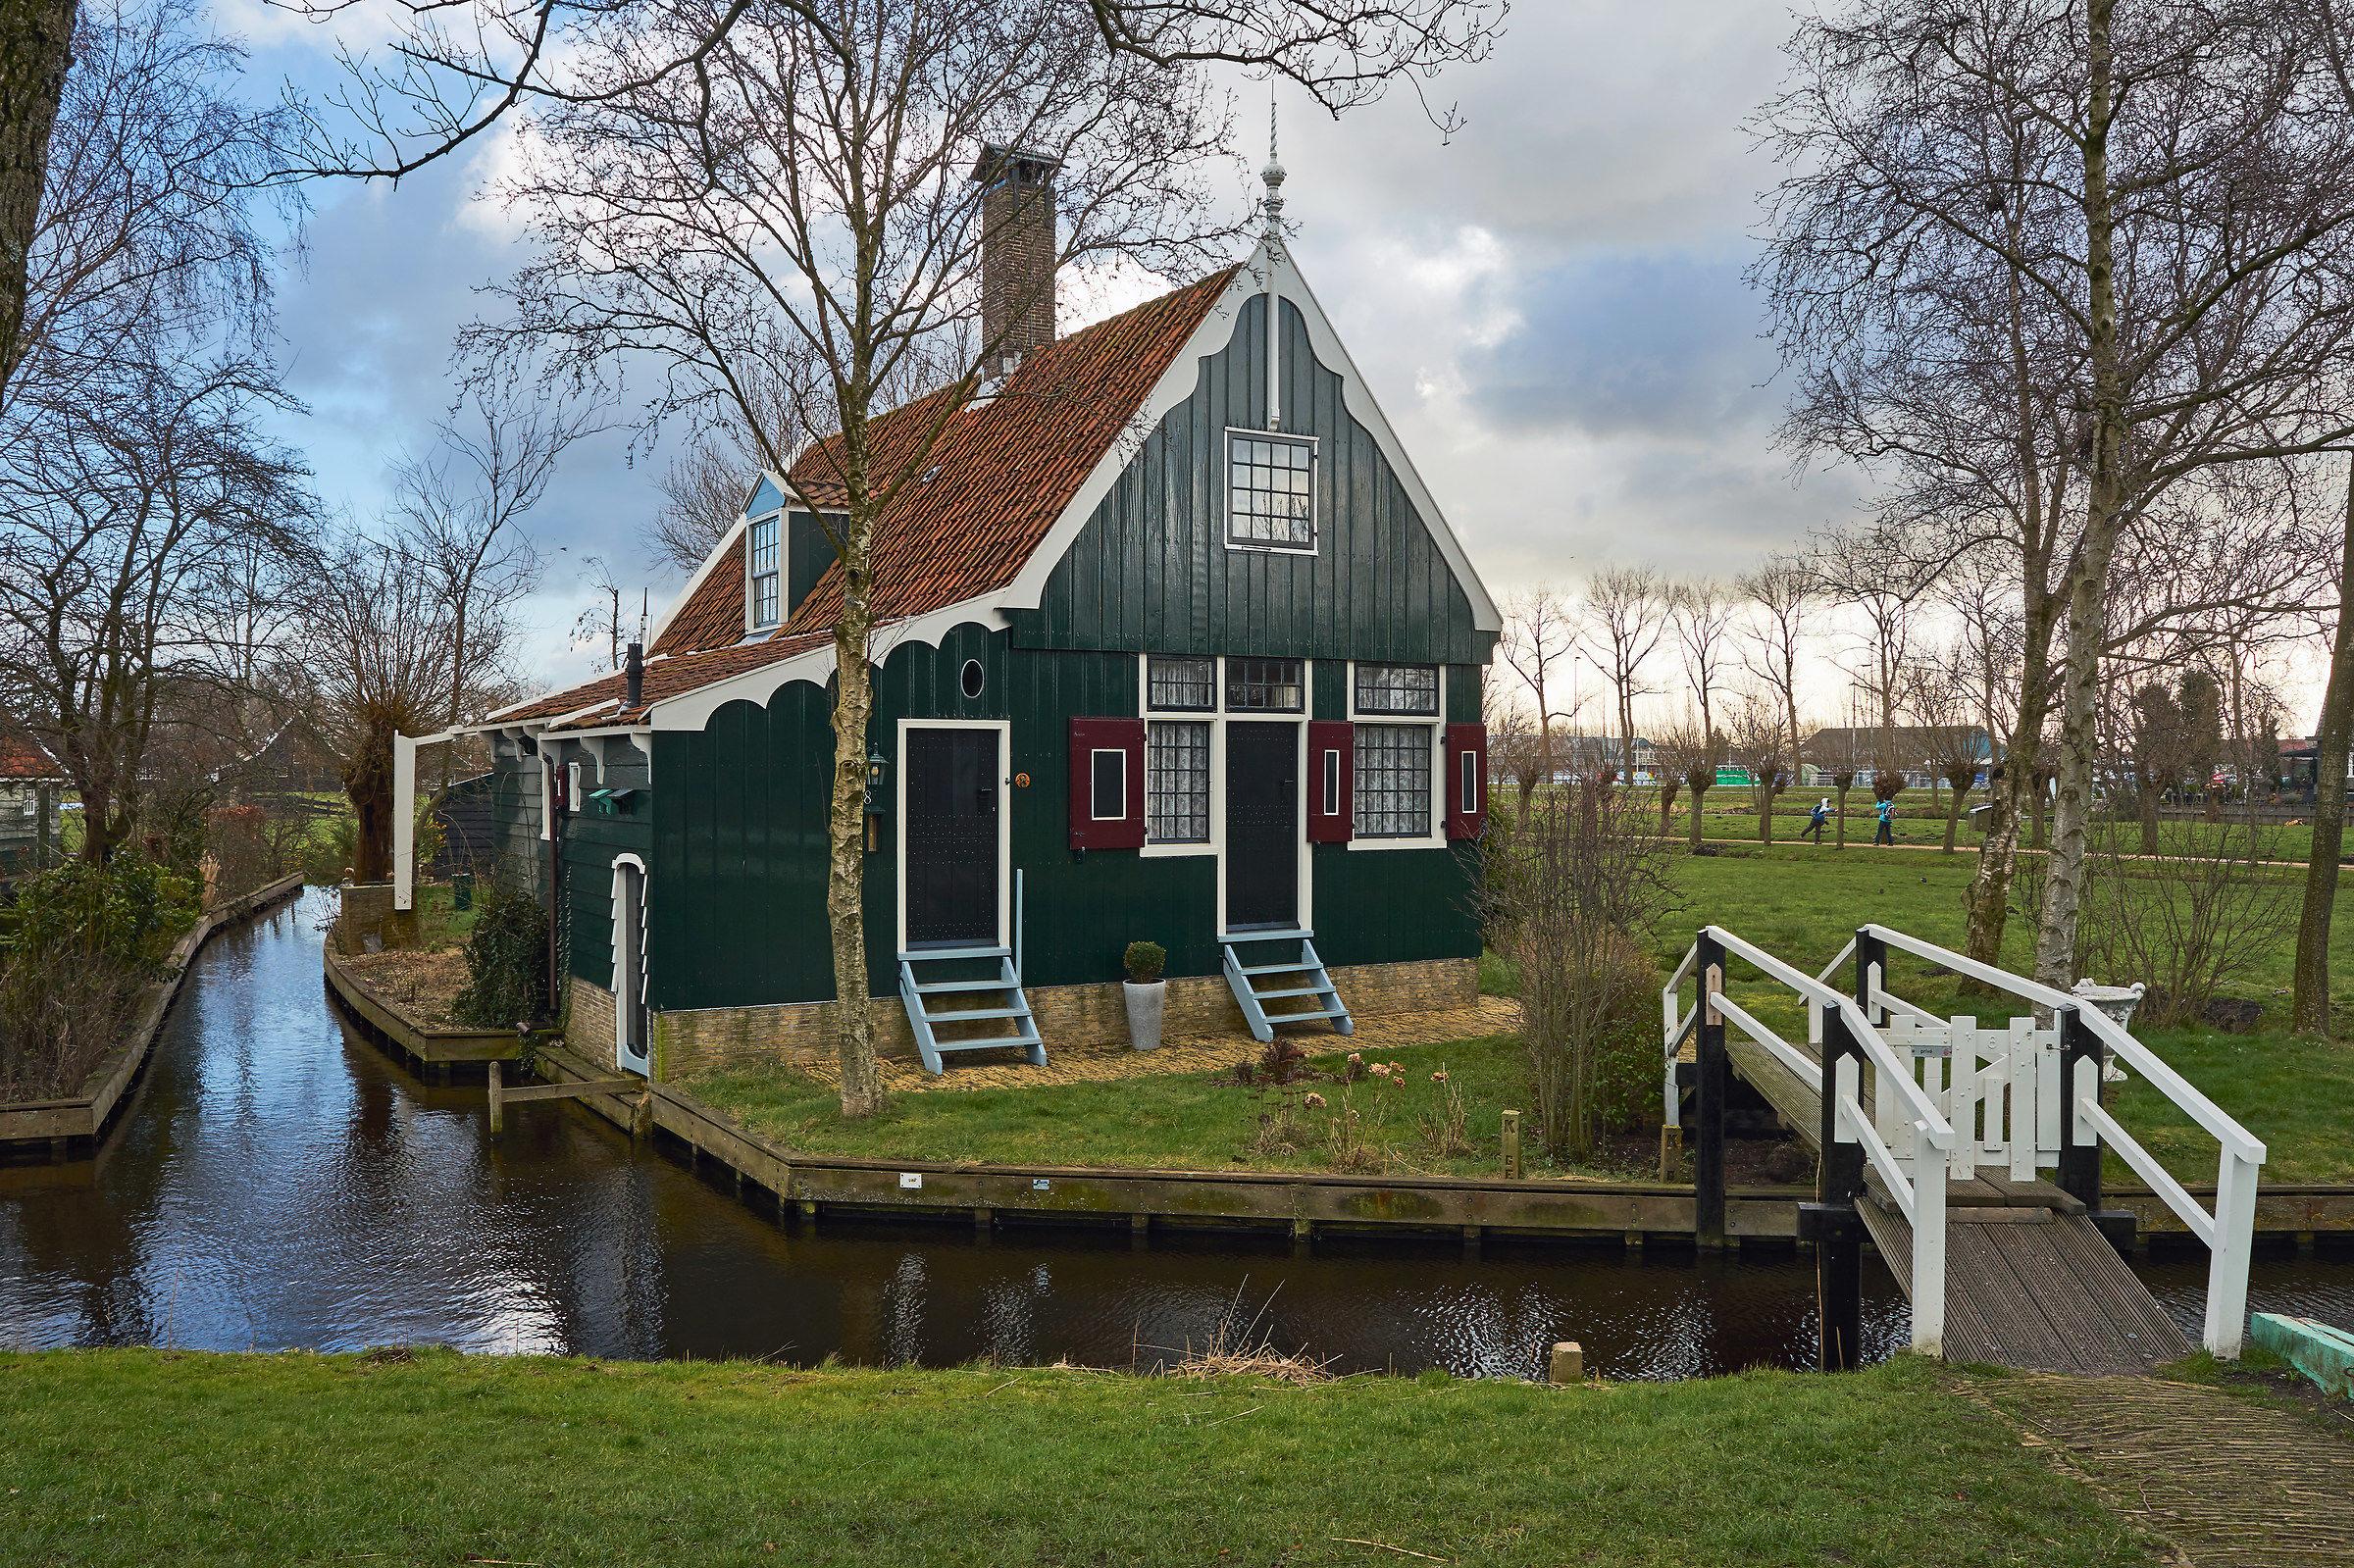 Amsterdam 2018 (Zaanse Schans)...